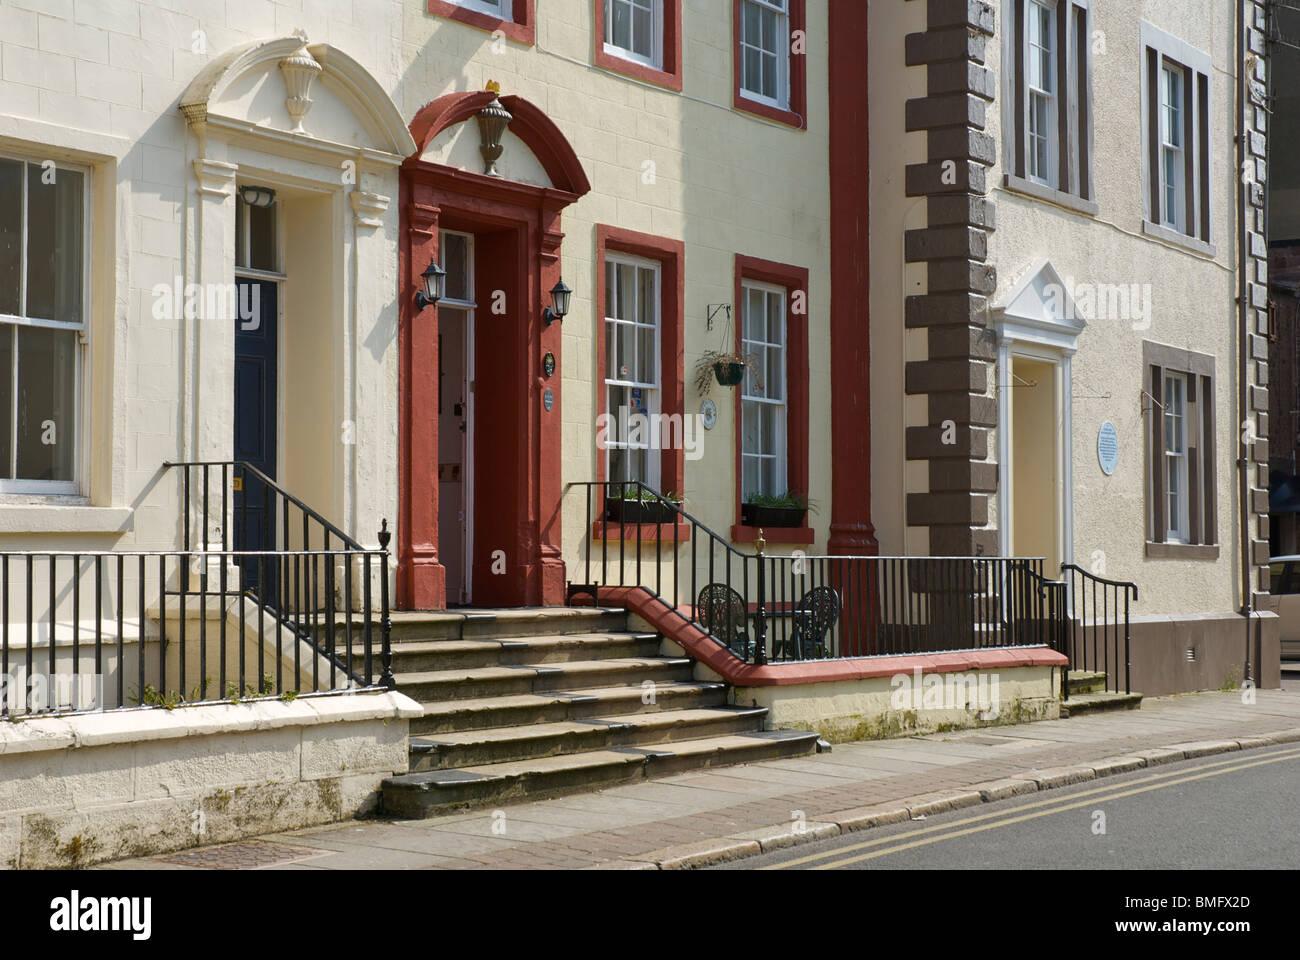 Architettura georgiana di Whitehaven, Cumbria, England Regno Unito Immagini Stock